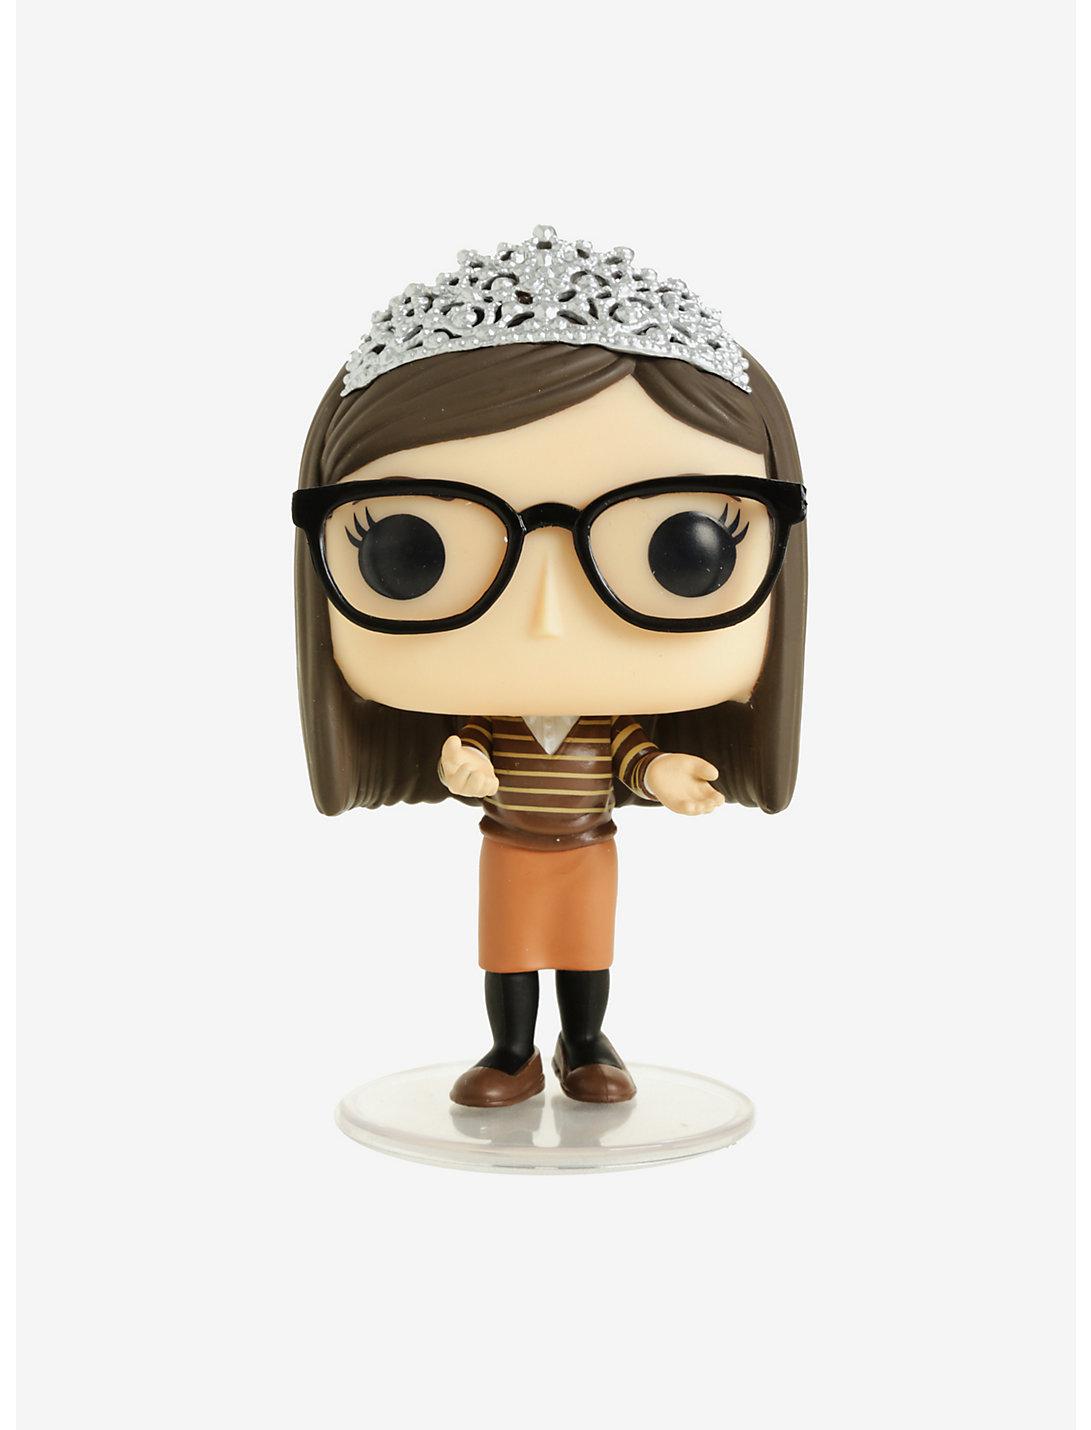 Amy Farrah Fowler #779 - The Big Bang Theory - Funko Pop! Television